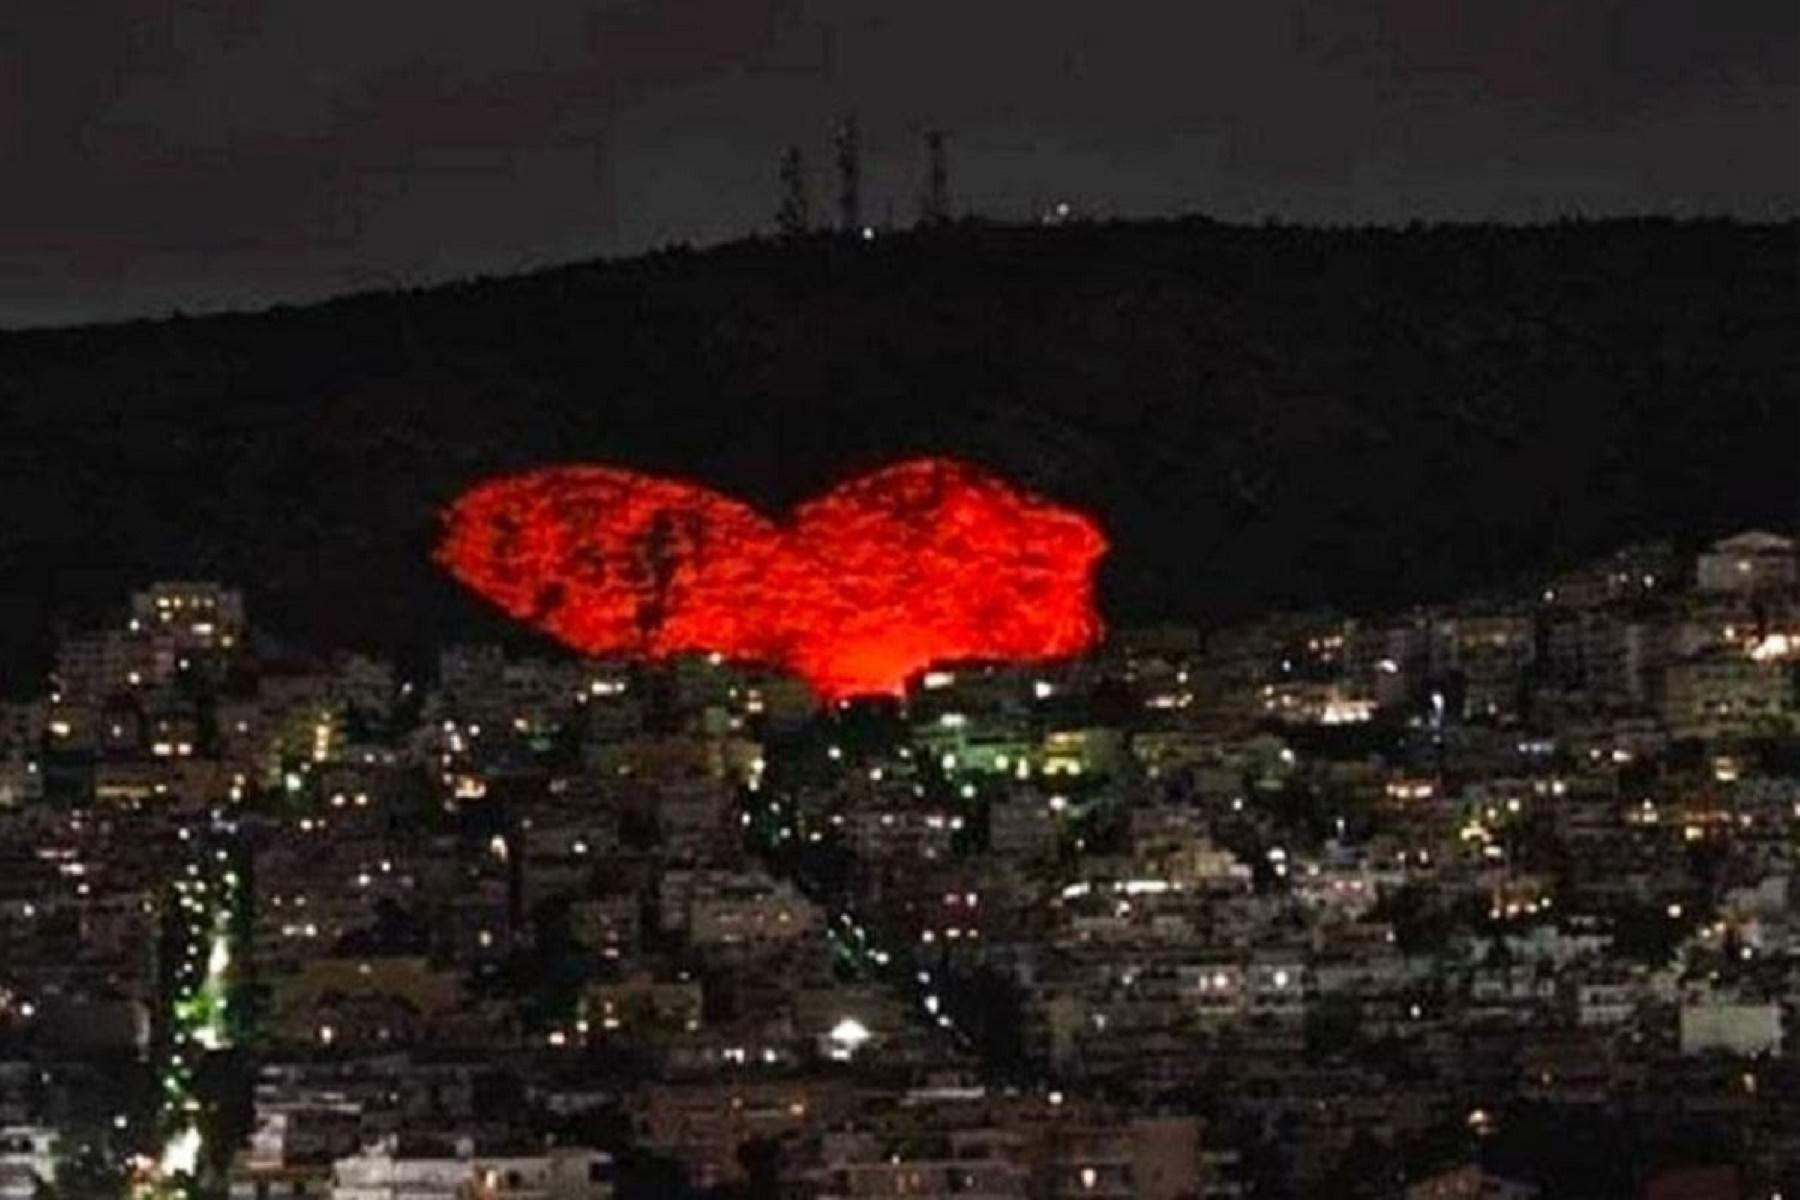 Αγίου Βαλεντίνου: Η μεγάλη έκπληξη του Δήμου Χαϊδαρίου